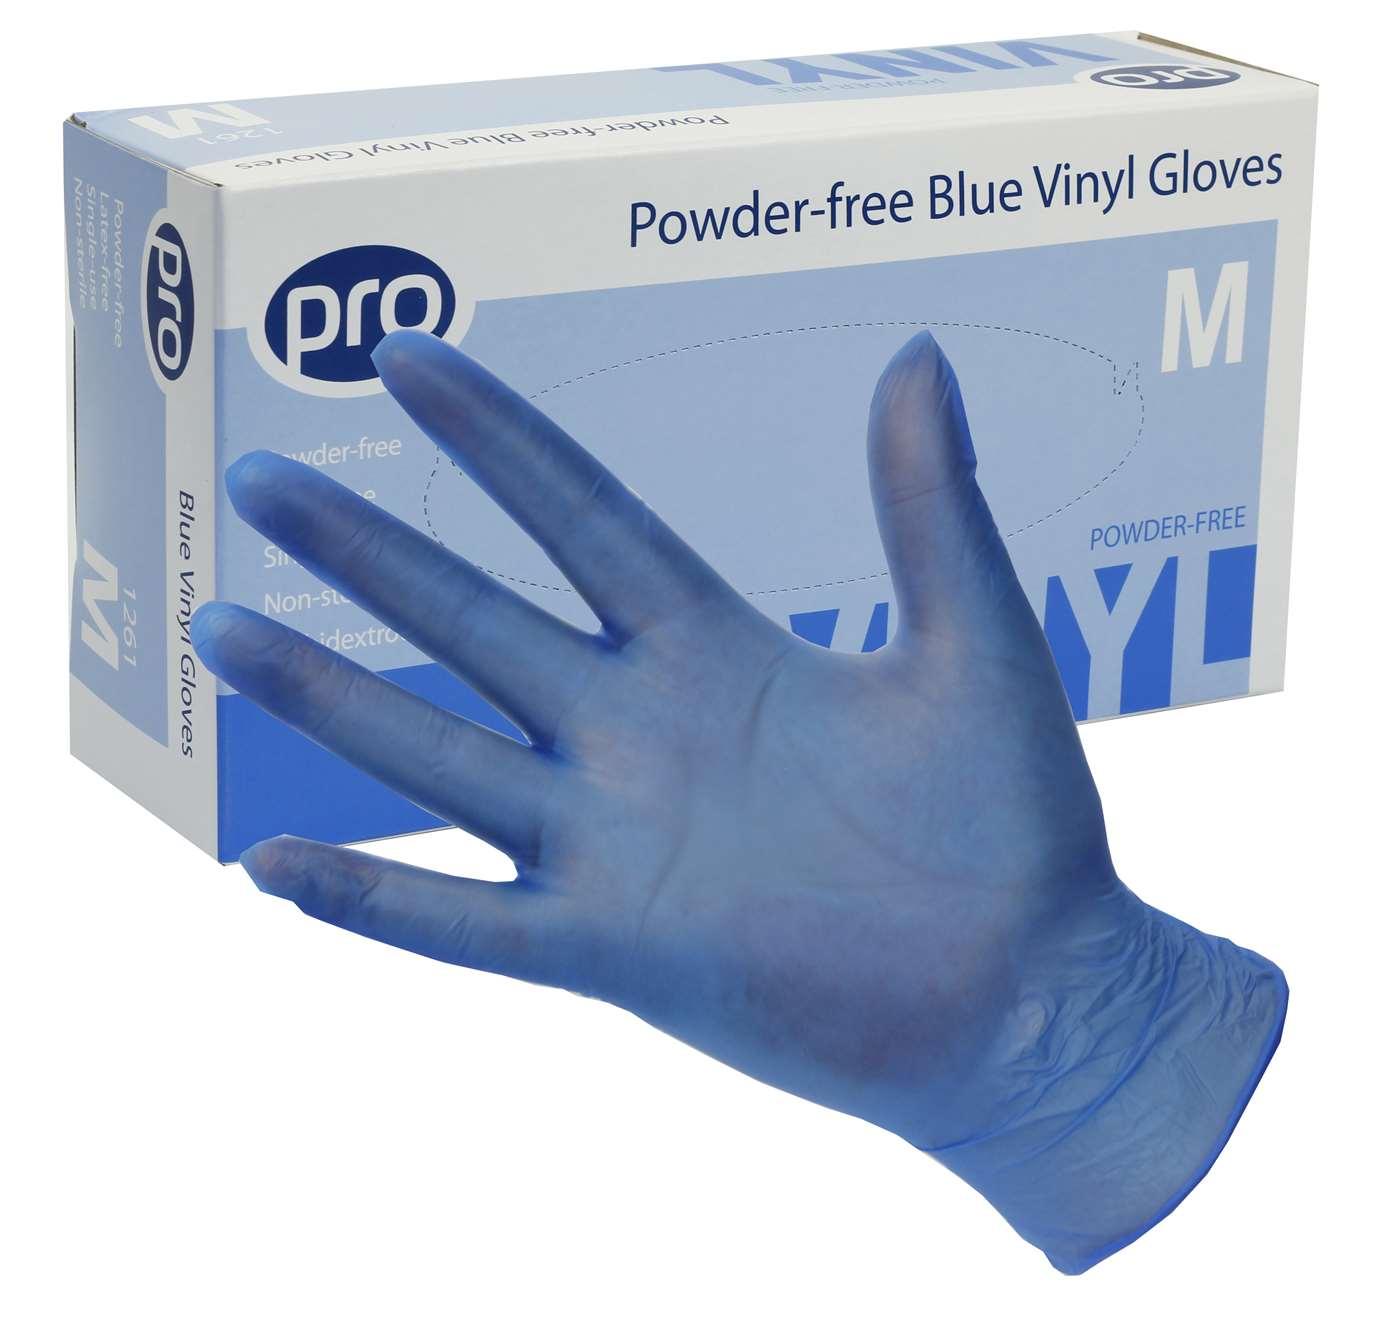 PRO Powder-Free Blue Vinyl Gloves